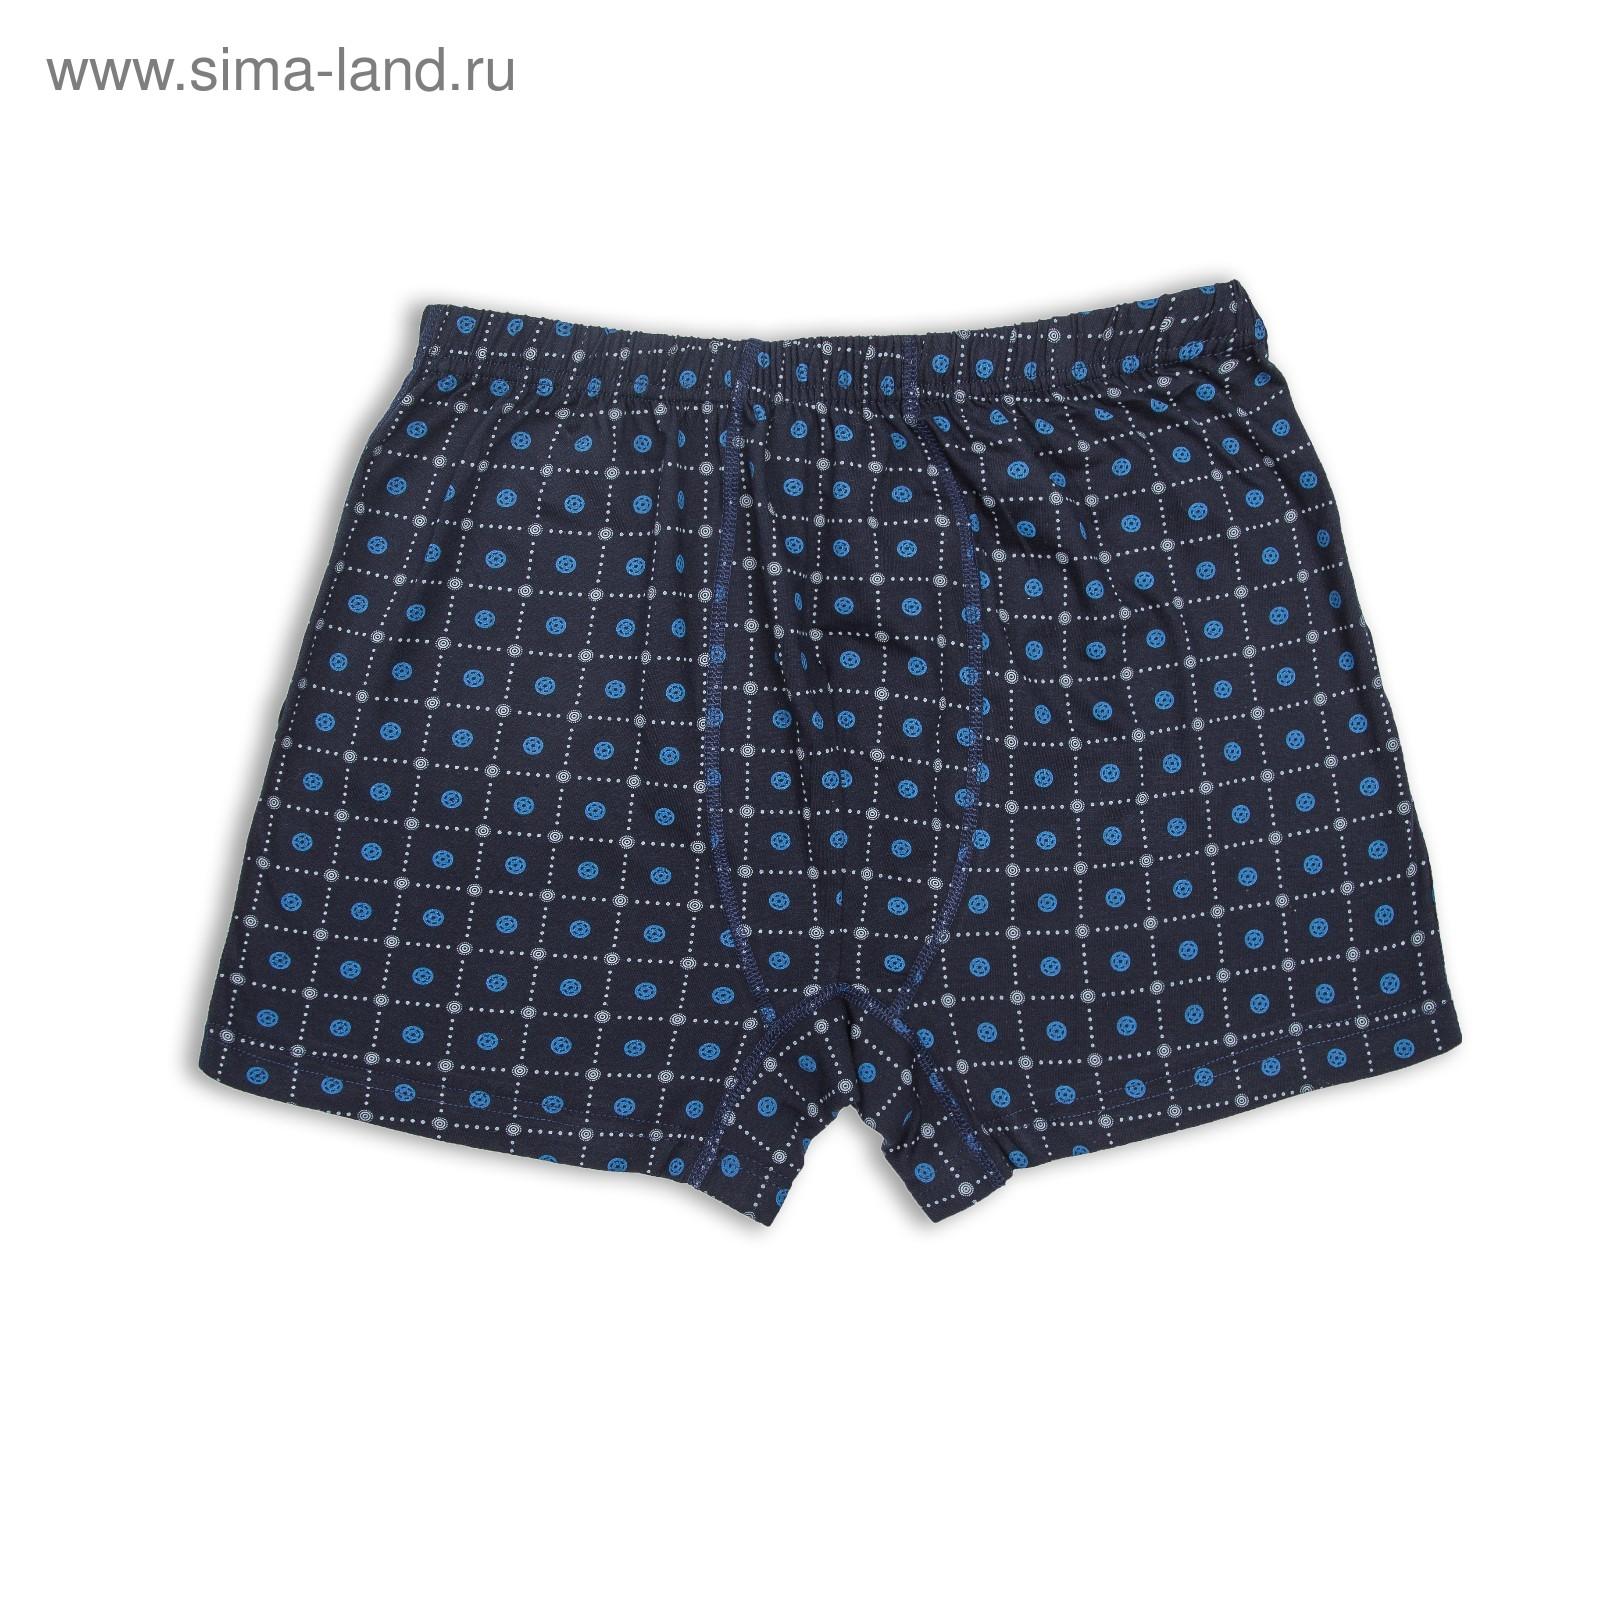 d68997508ab0 Трусы мужские свободные, цвет синий, размер 48 (20471) - Купить по ...